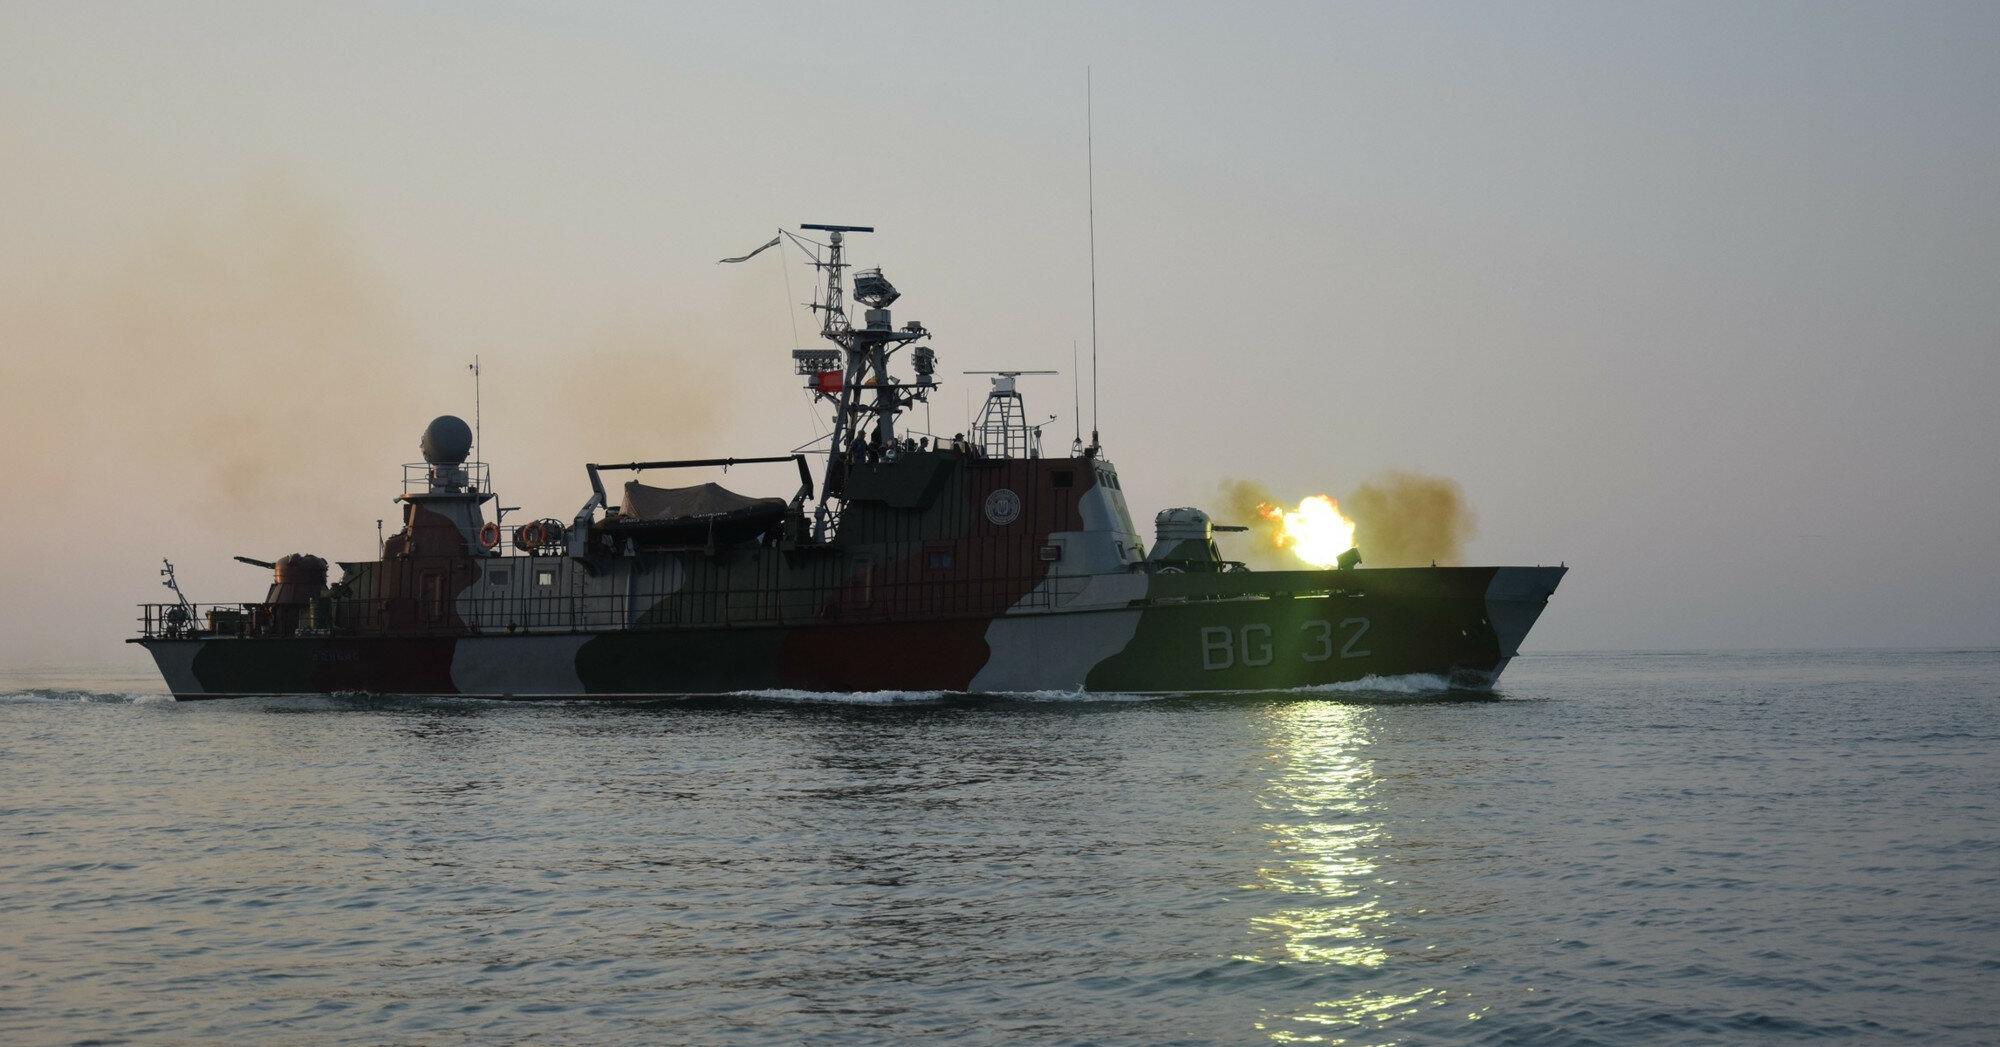 ФСБ следила за учениями украинских военных в Азовском море